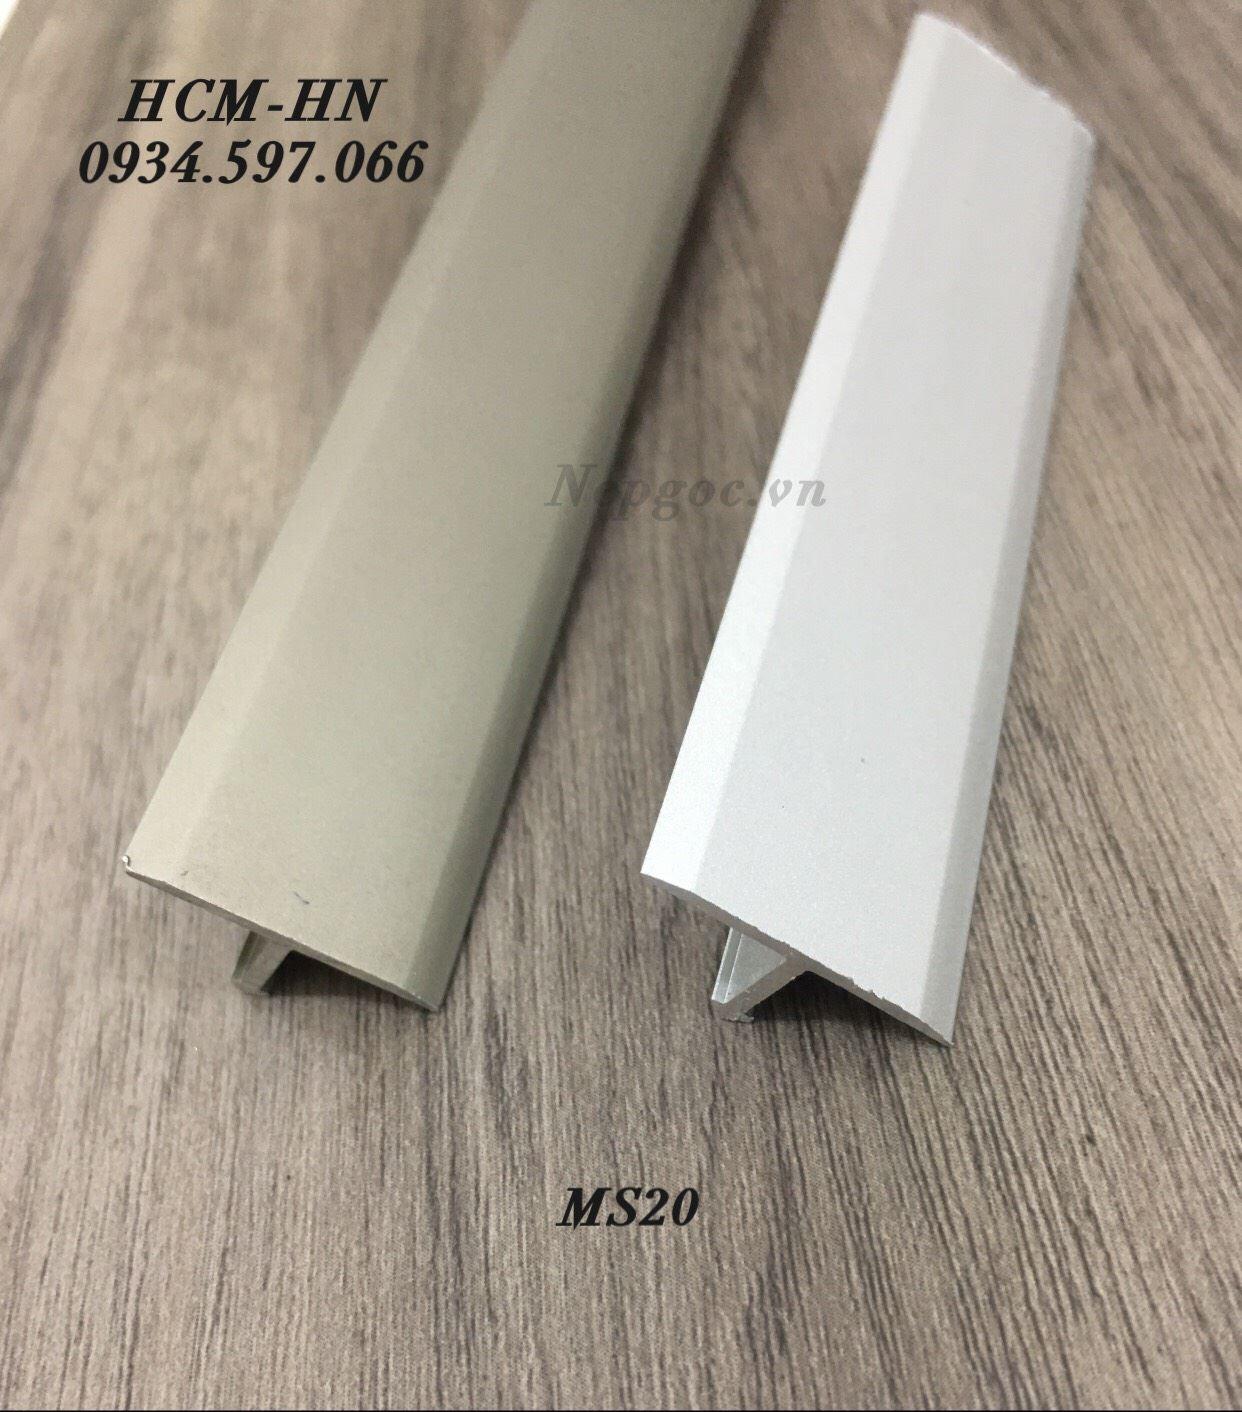 Nẹp trang trí MS20